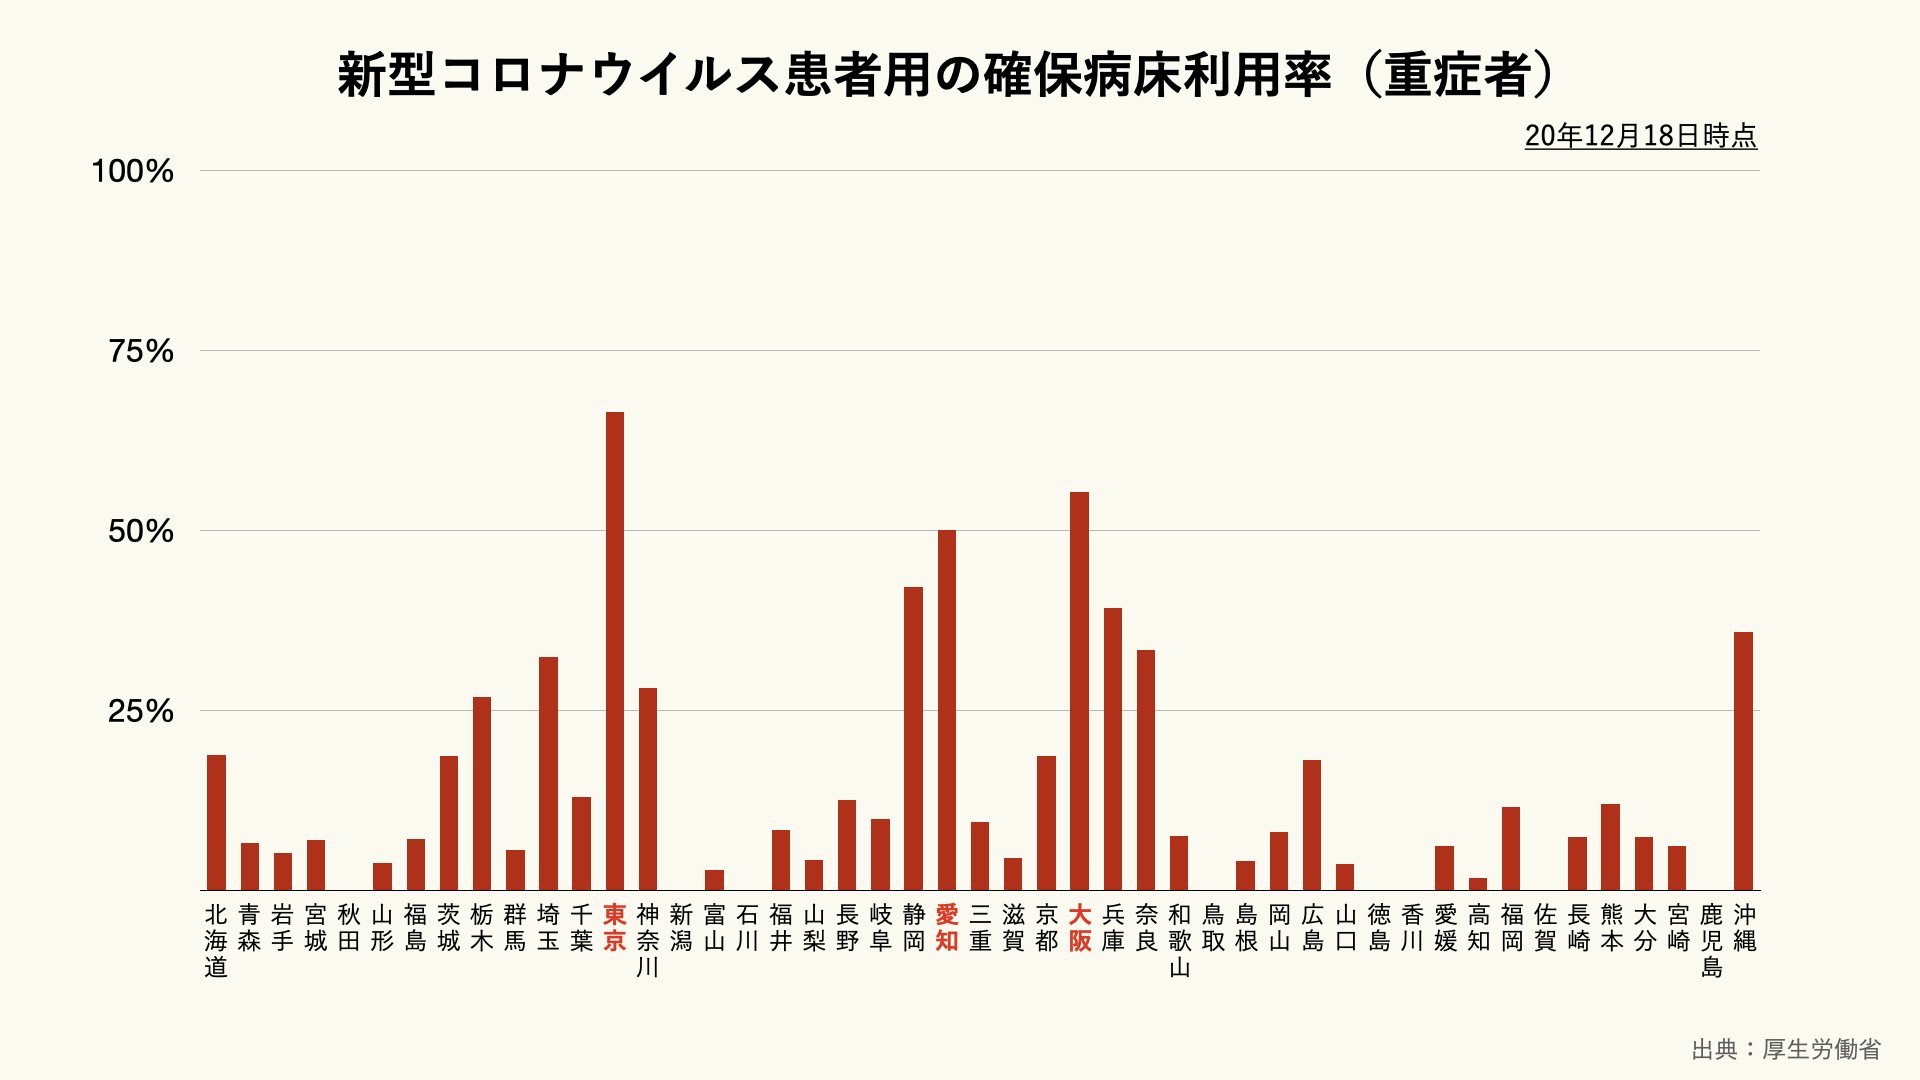 新型コロナウイルス重症患者用の確保病床利用率(都道府県別)のグラフ